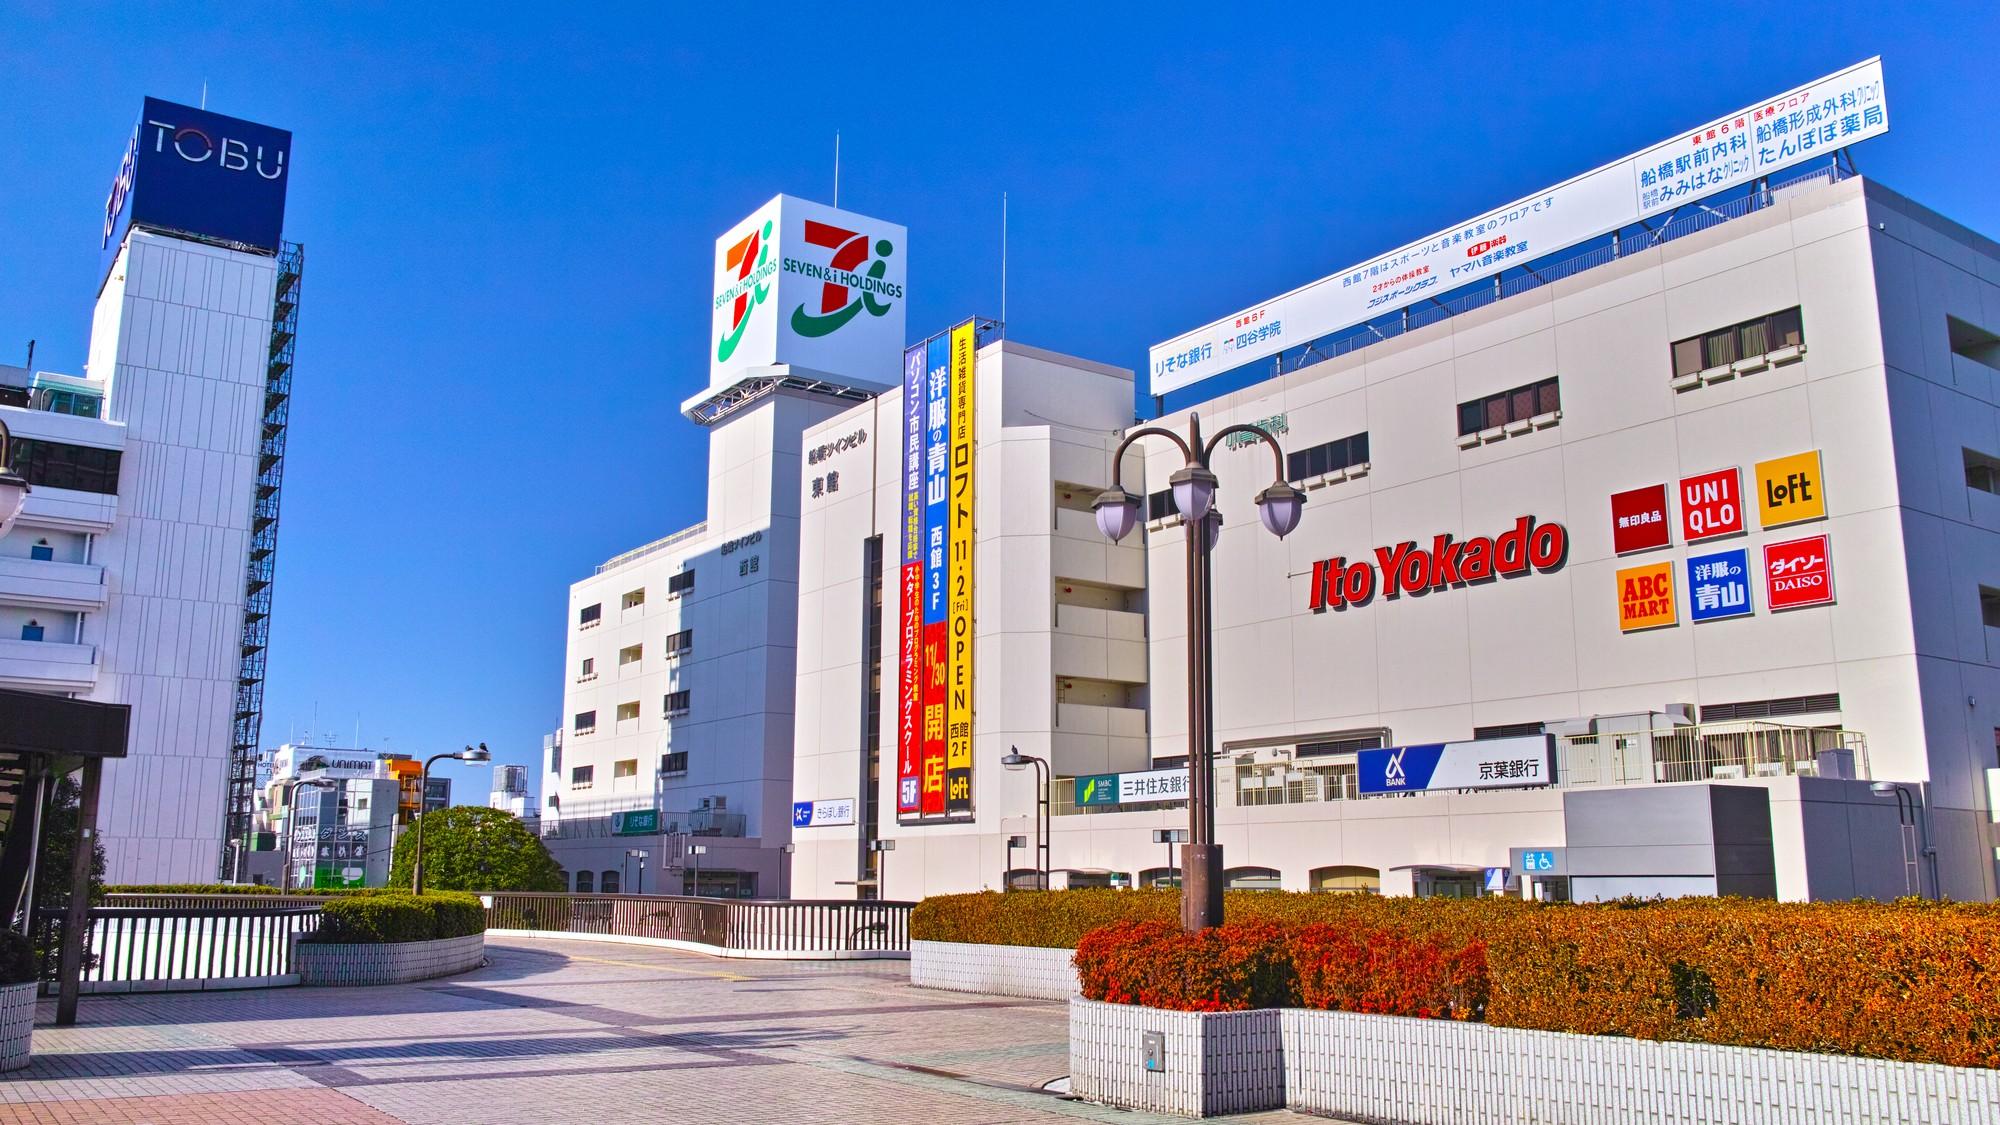 千葉県住みたい街No.1「船橋」…駅チカ一等地の安い暮らし?